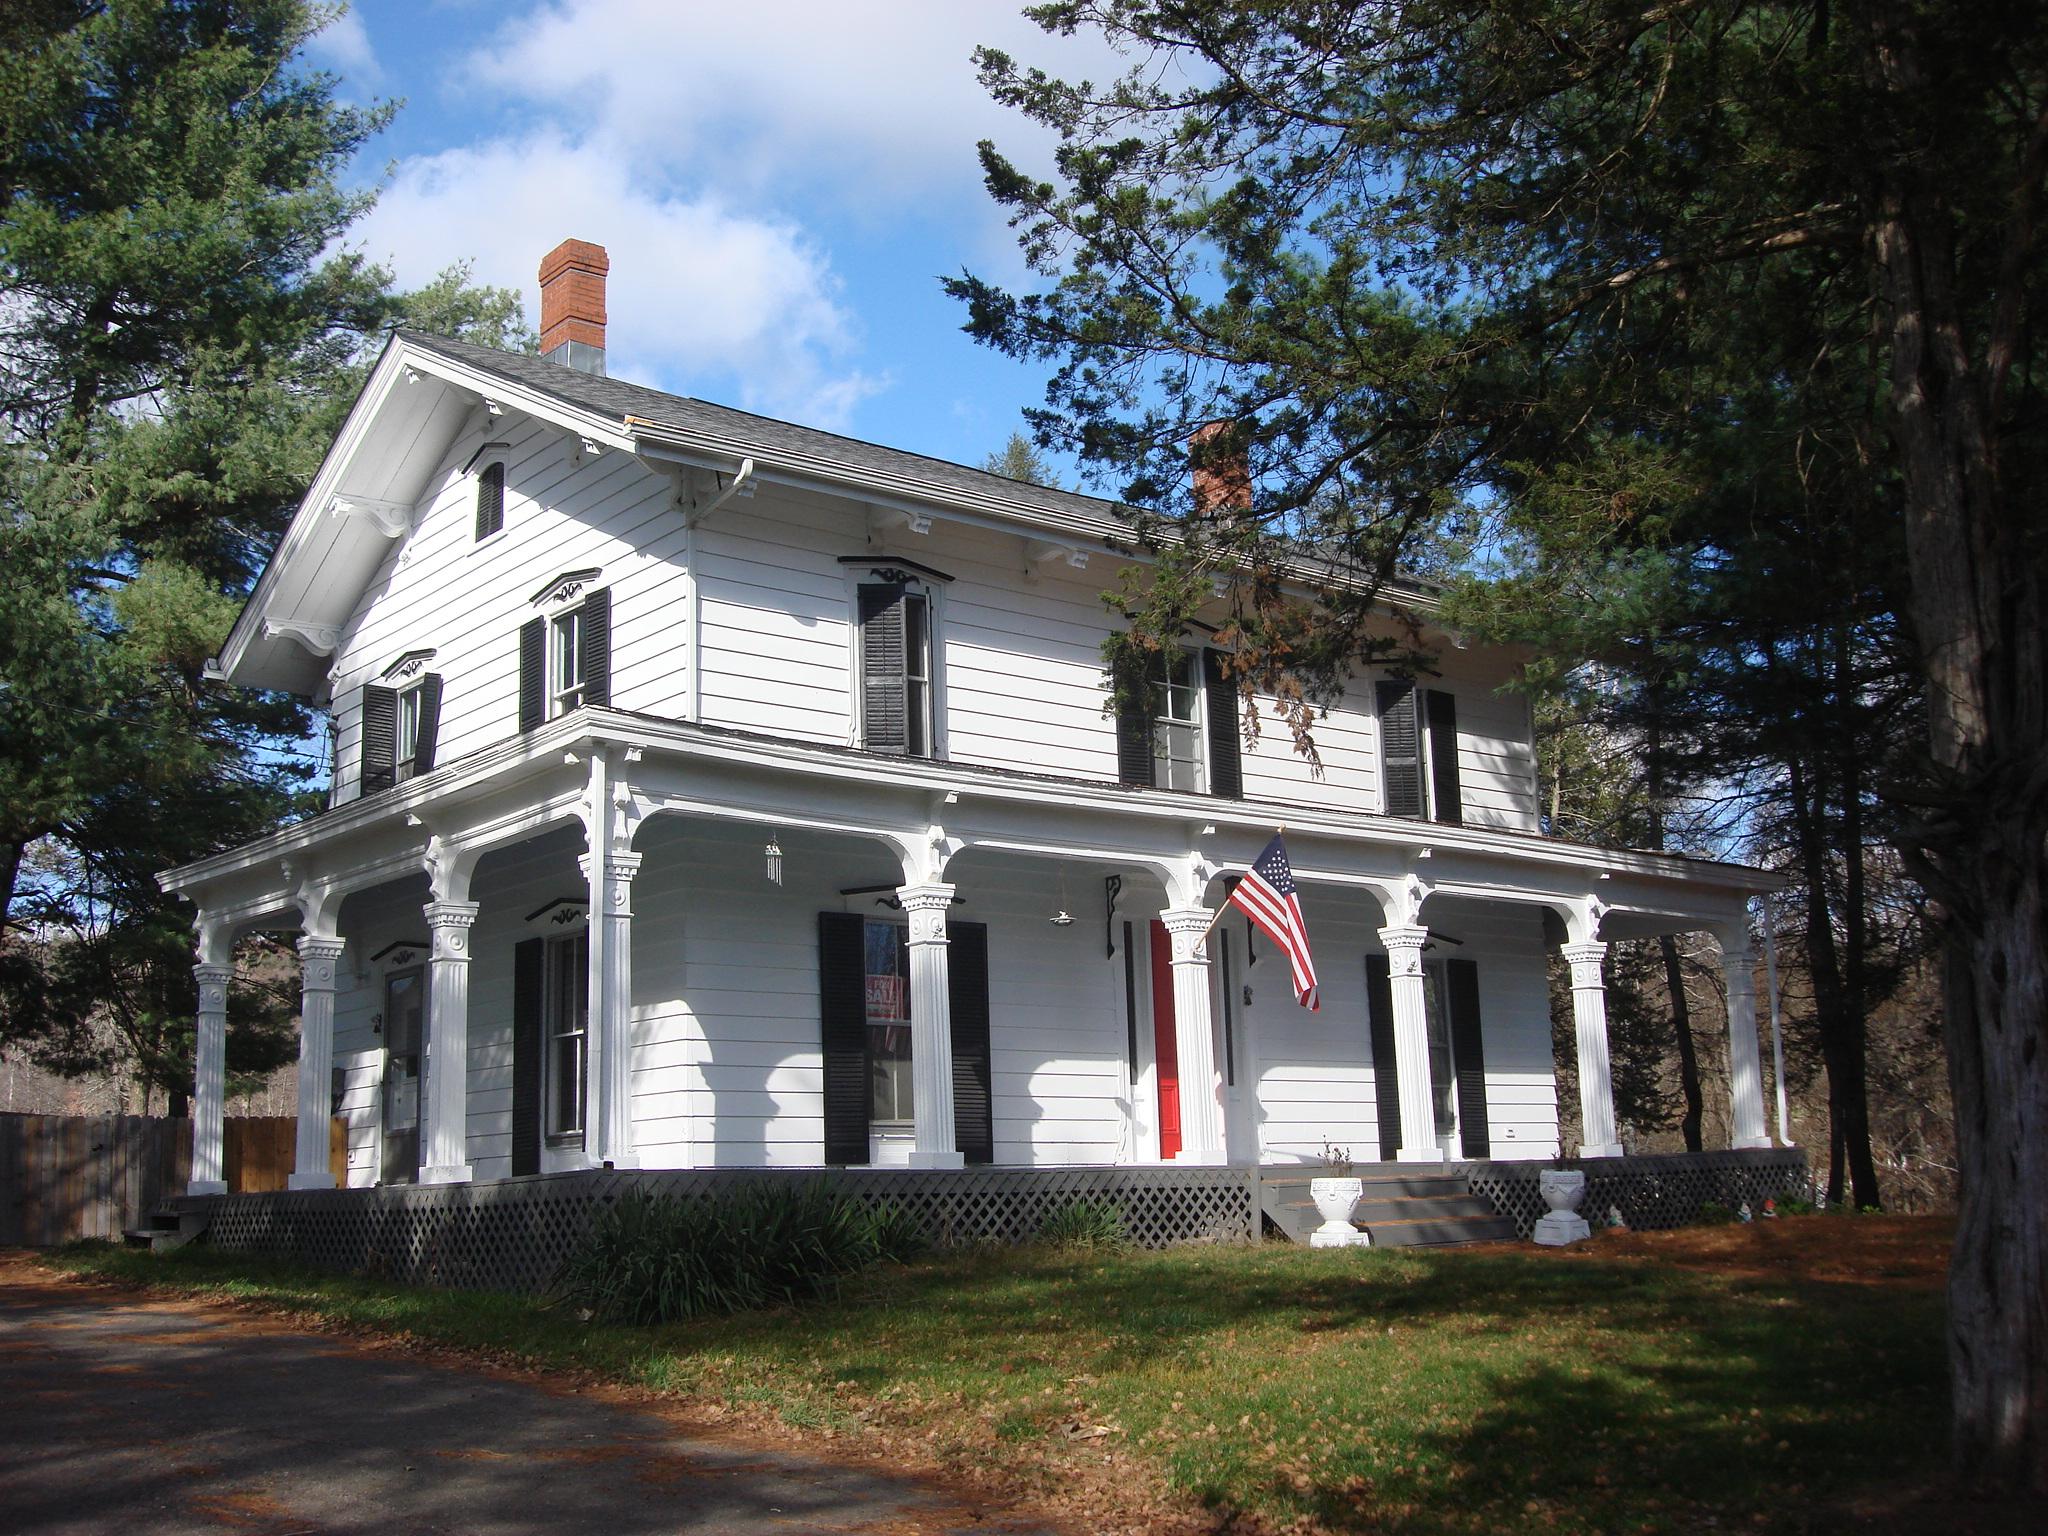 366 Lacey Street, Laceyville, Pennsylvania 18623